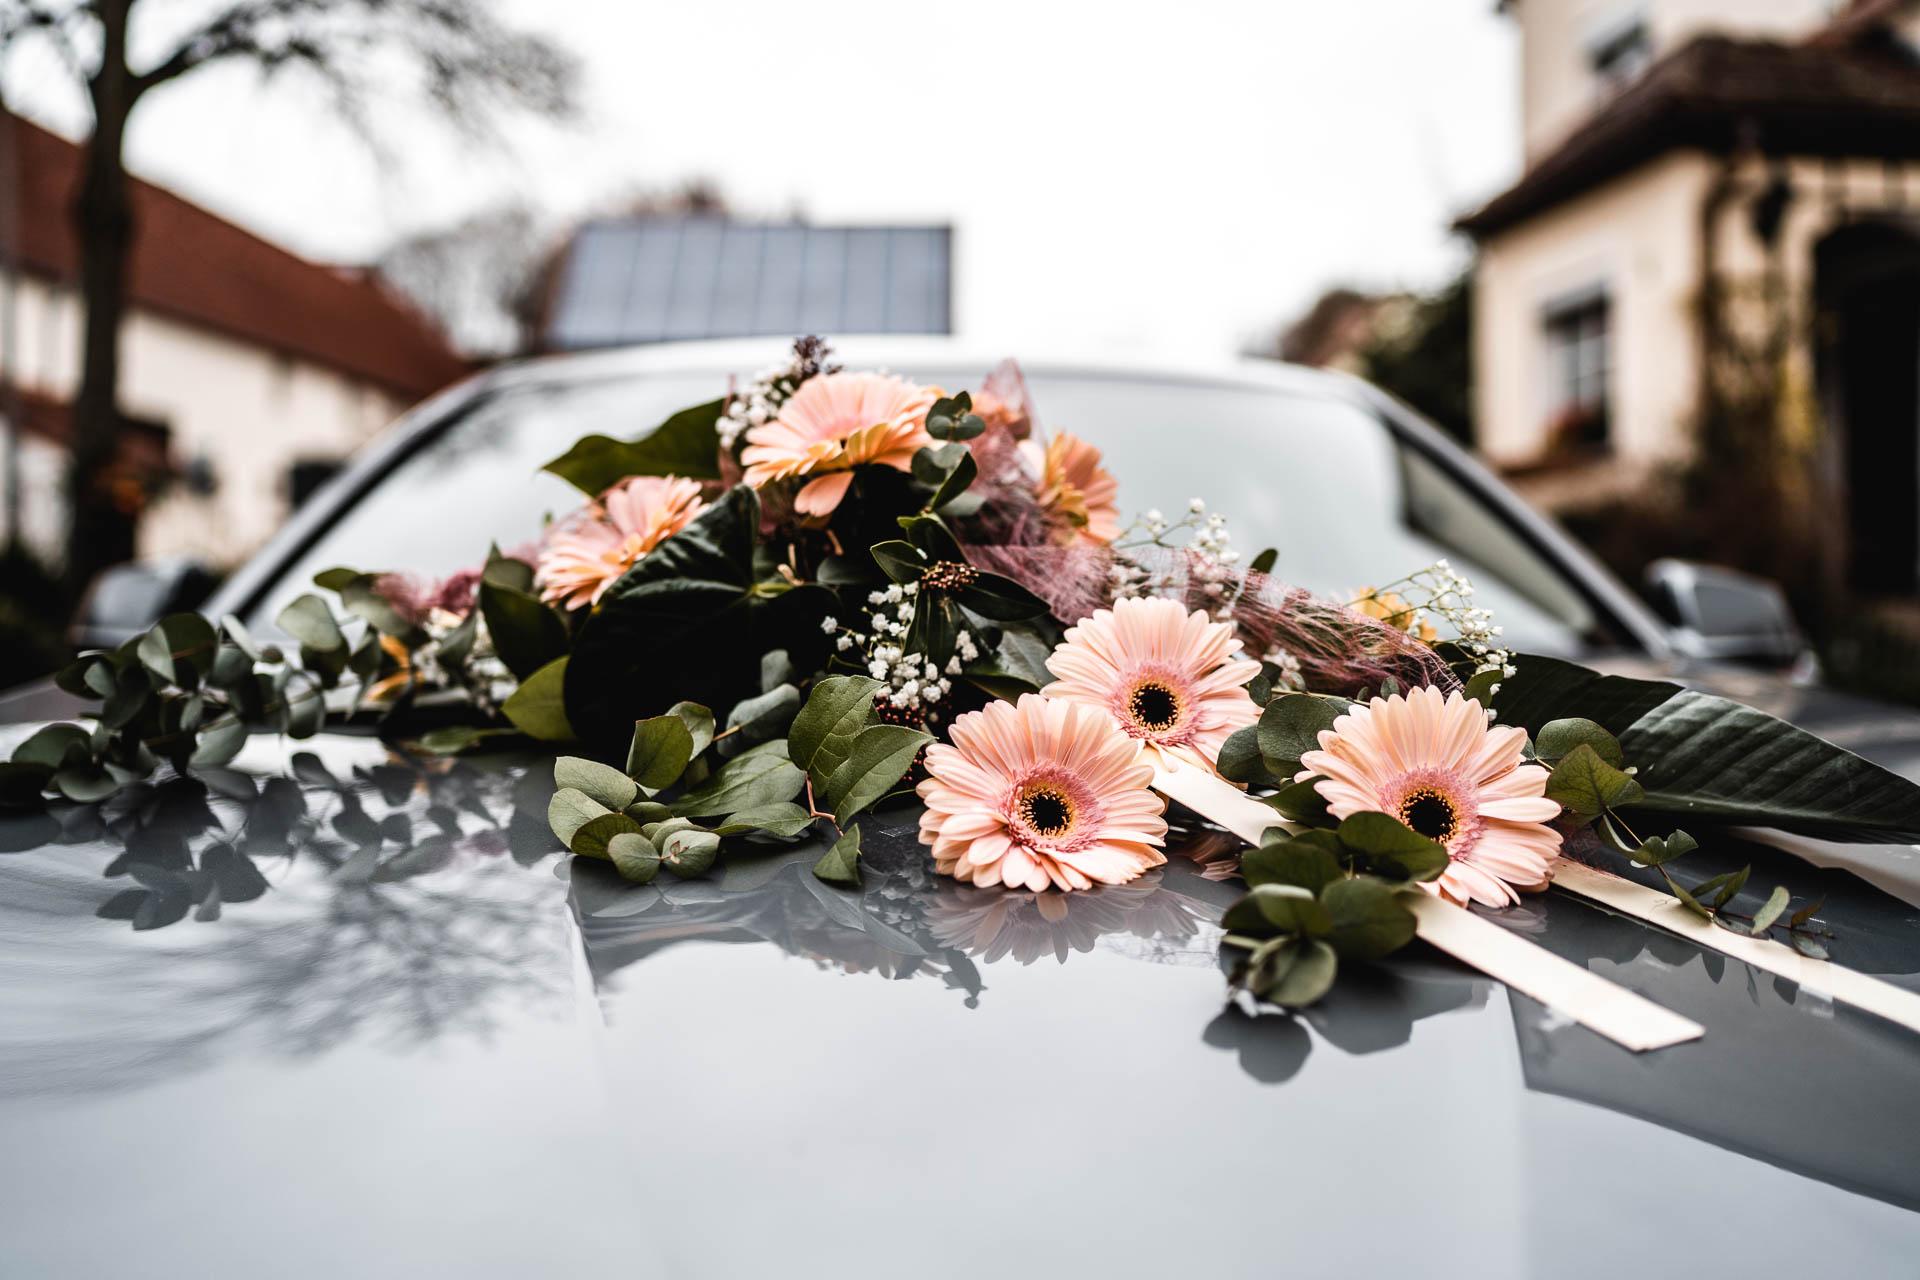 Blumenschmuck auf Motorhaube